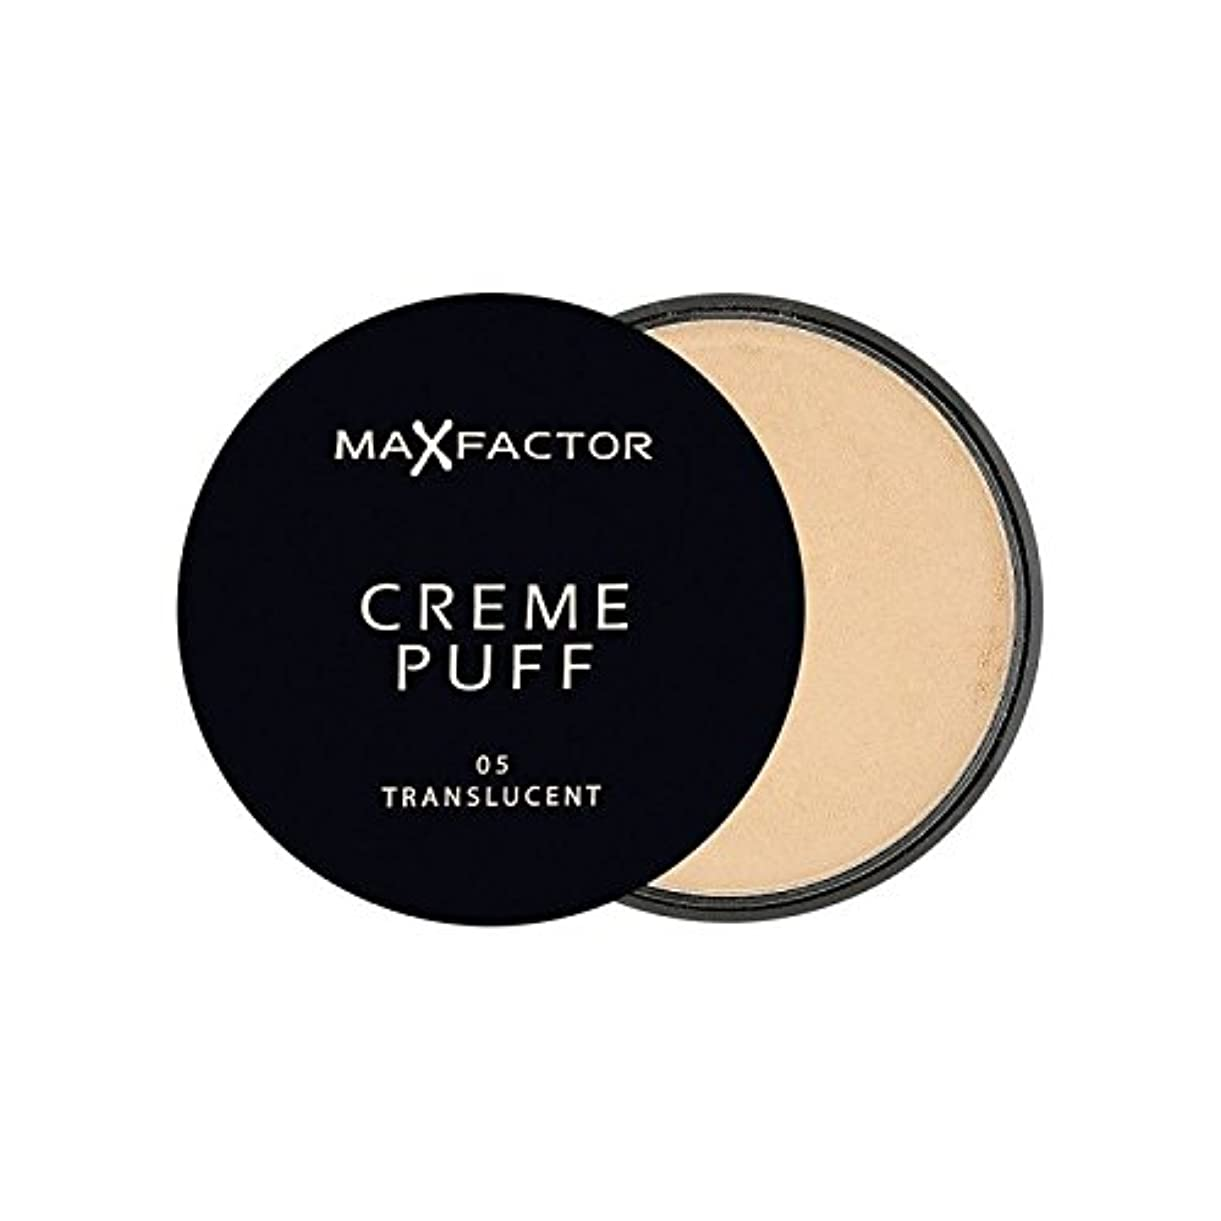 マトン不条理モックMax Factor Creme Puff Powder Compact Translucent 5 (Pack of 6) - マックスファクタークリームパフパウダーコンパクト半透明5 x6 [並行輸入品]